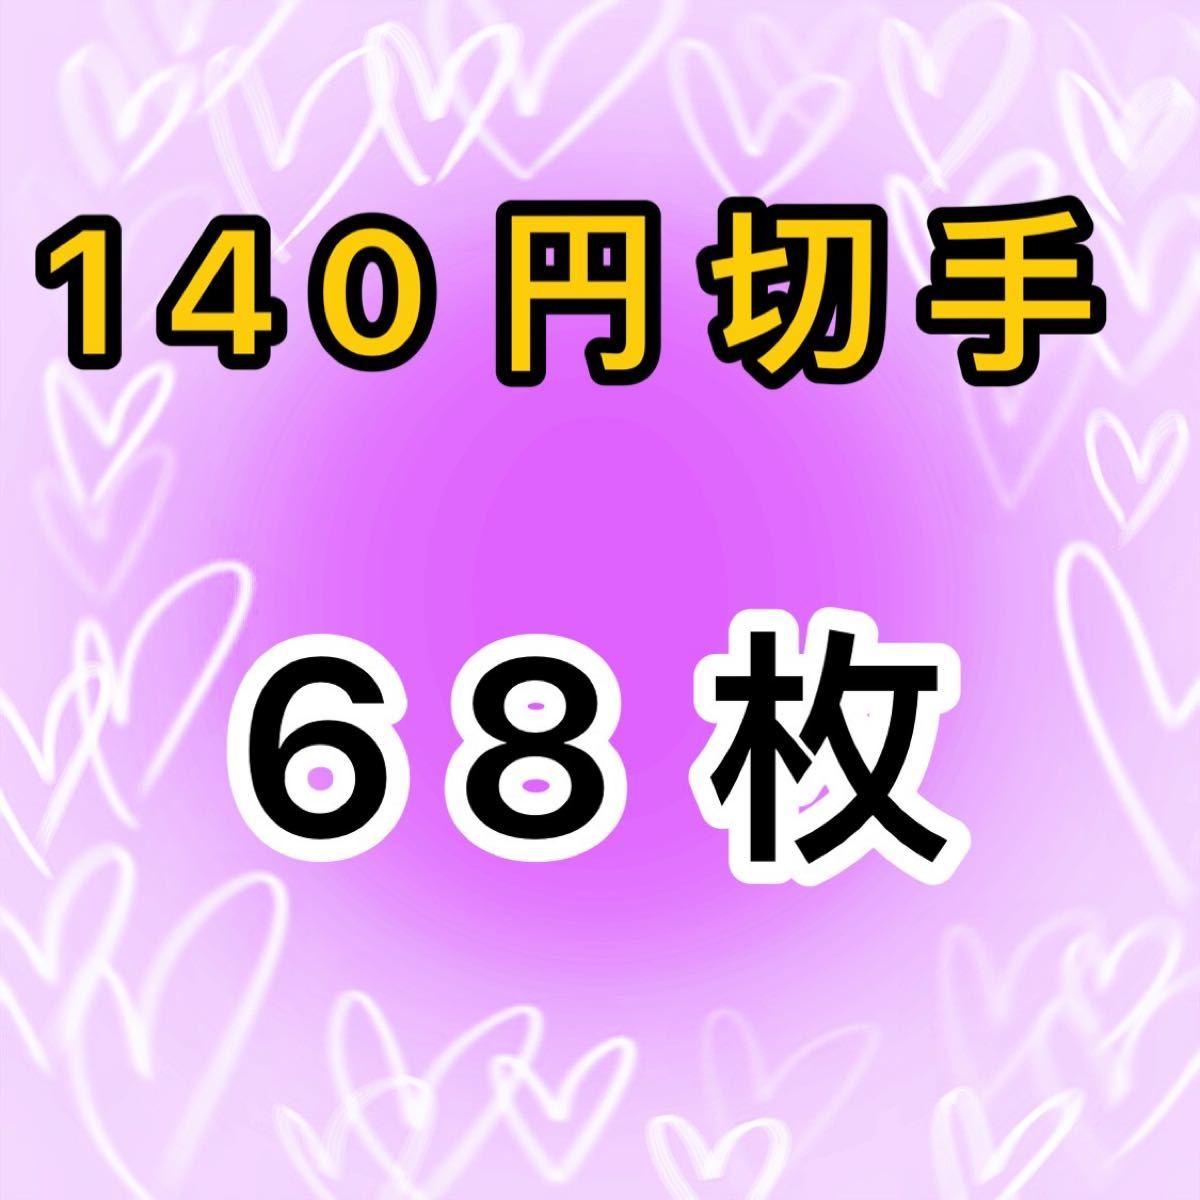 切手シート、1シートが140円×68枚で9520円分